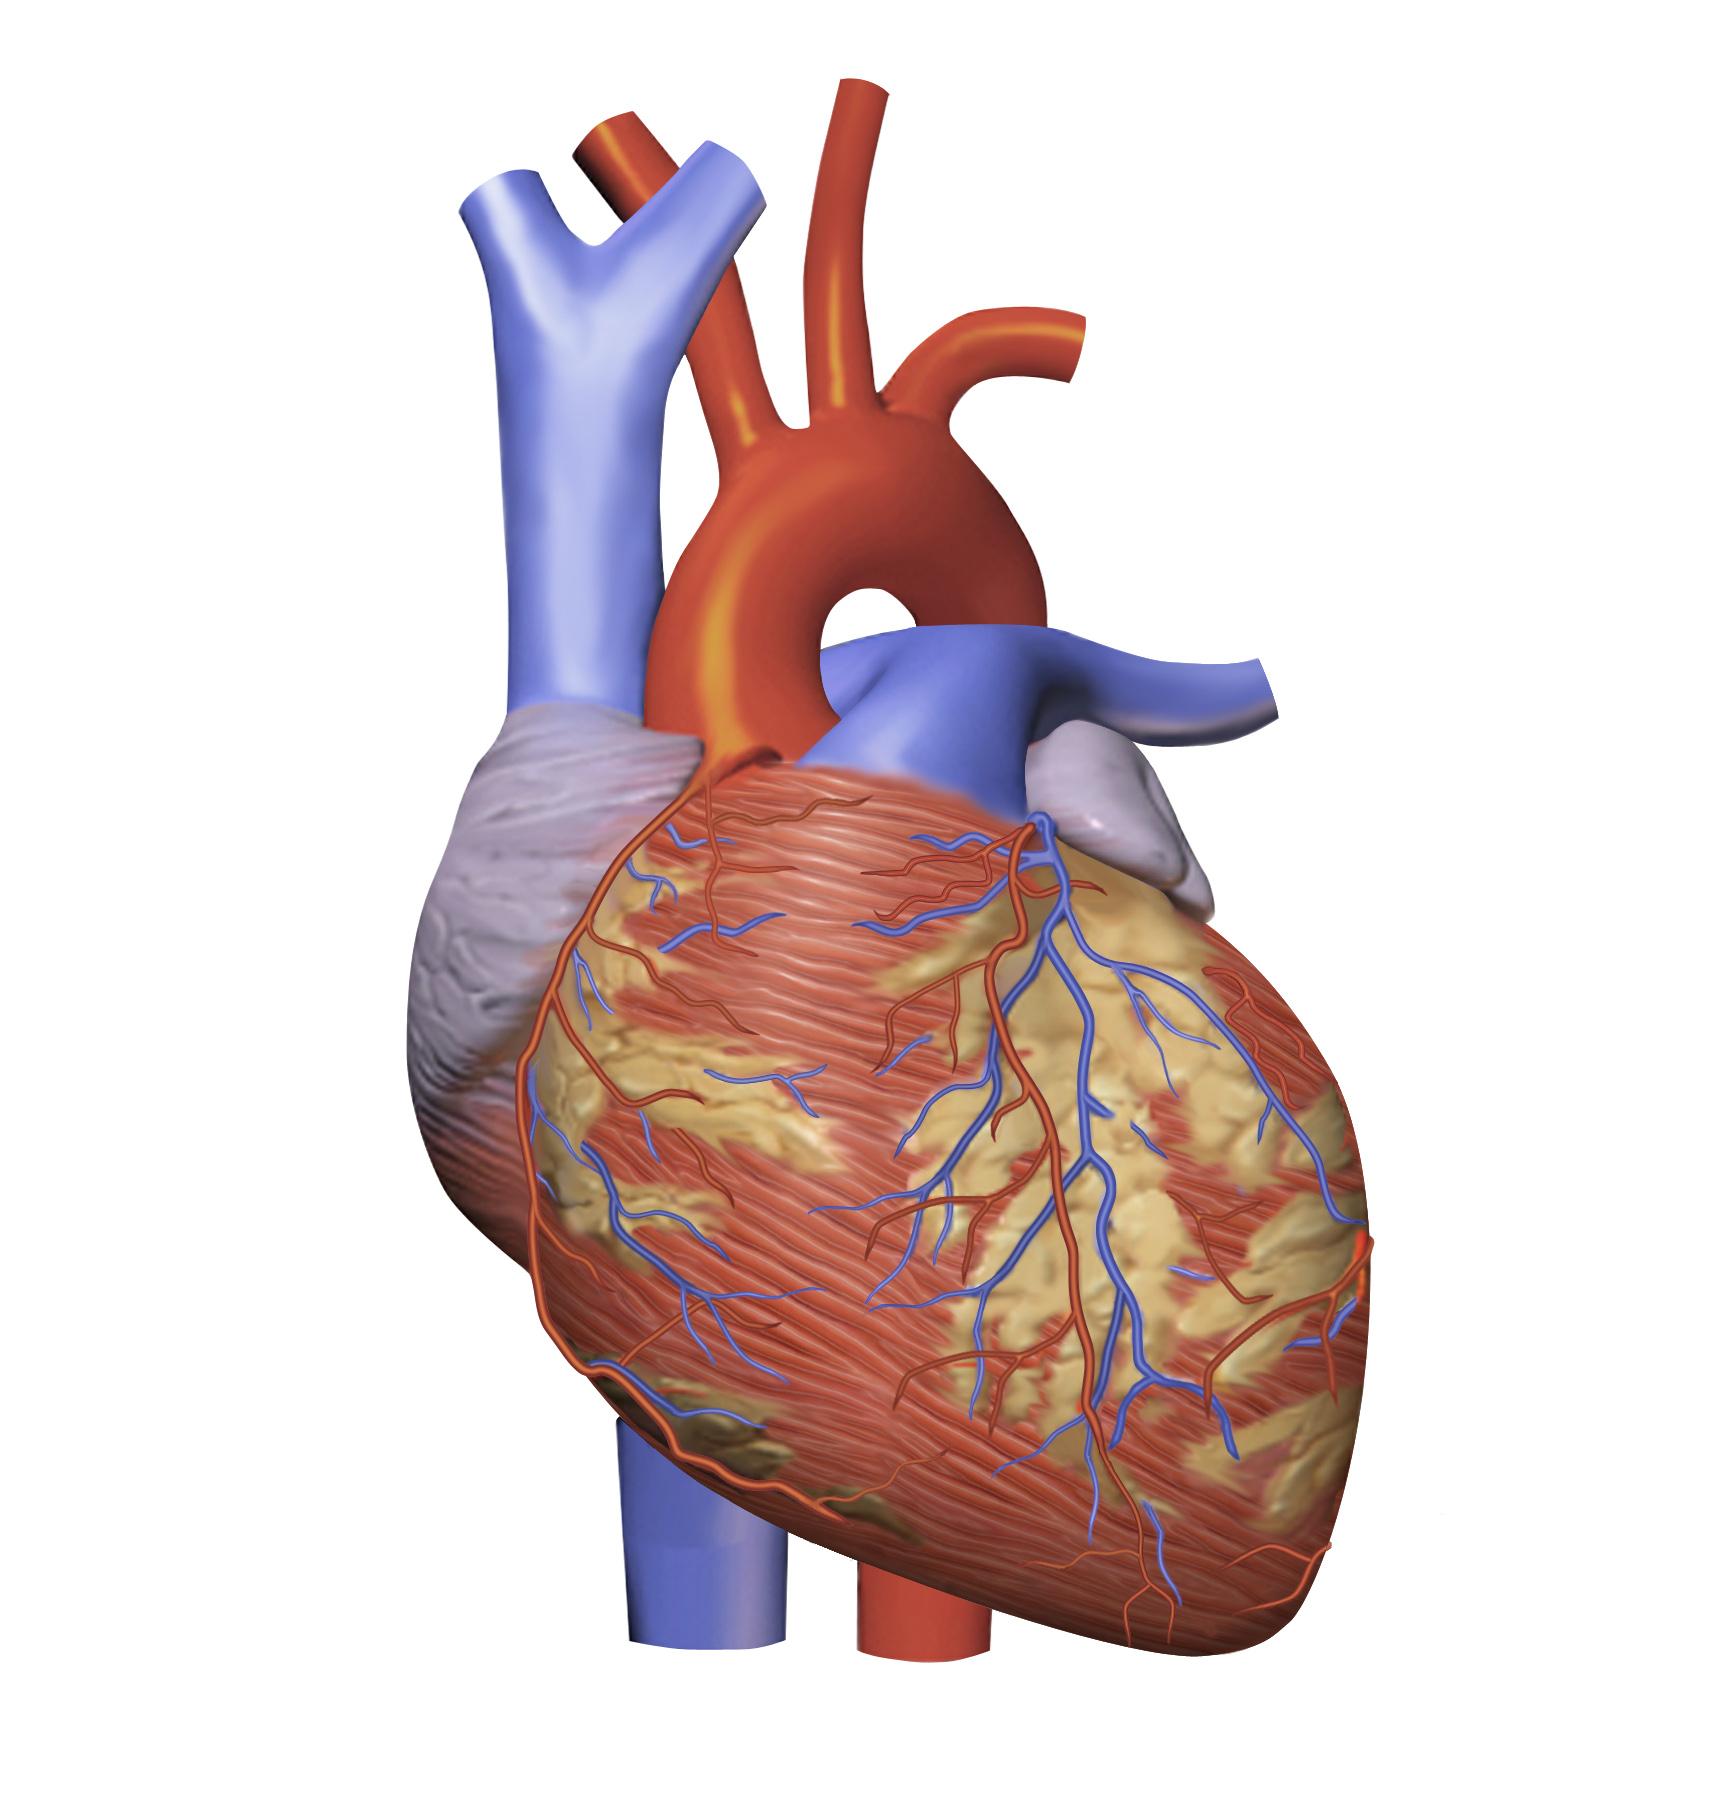 Файл:Heart Model.png — Викисловарь